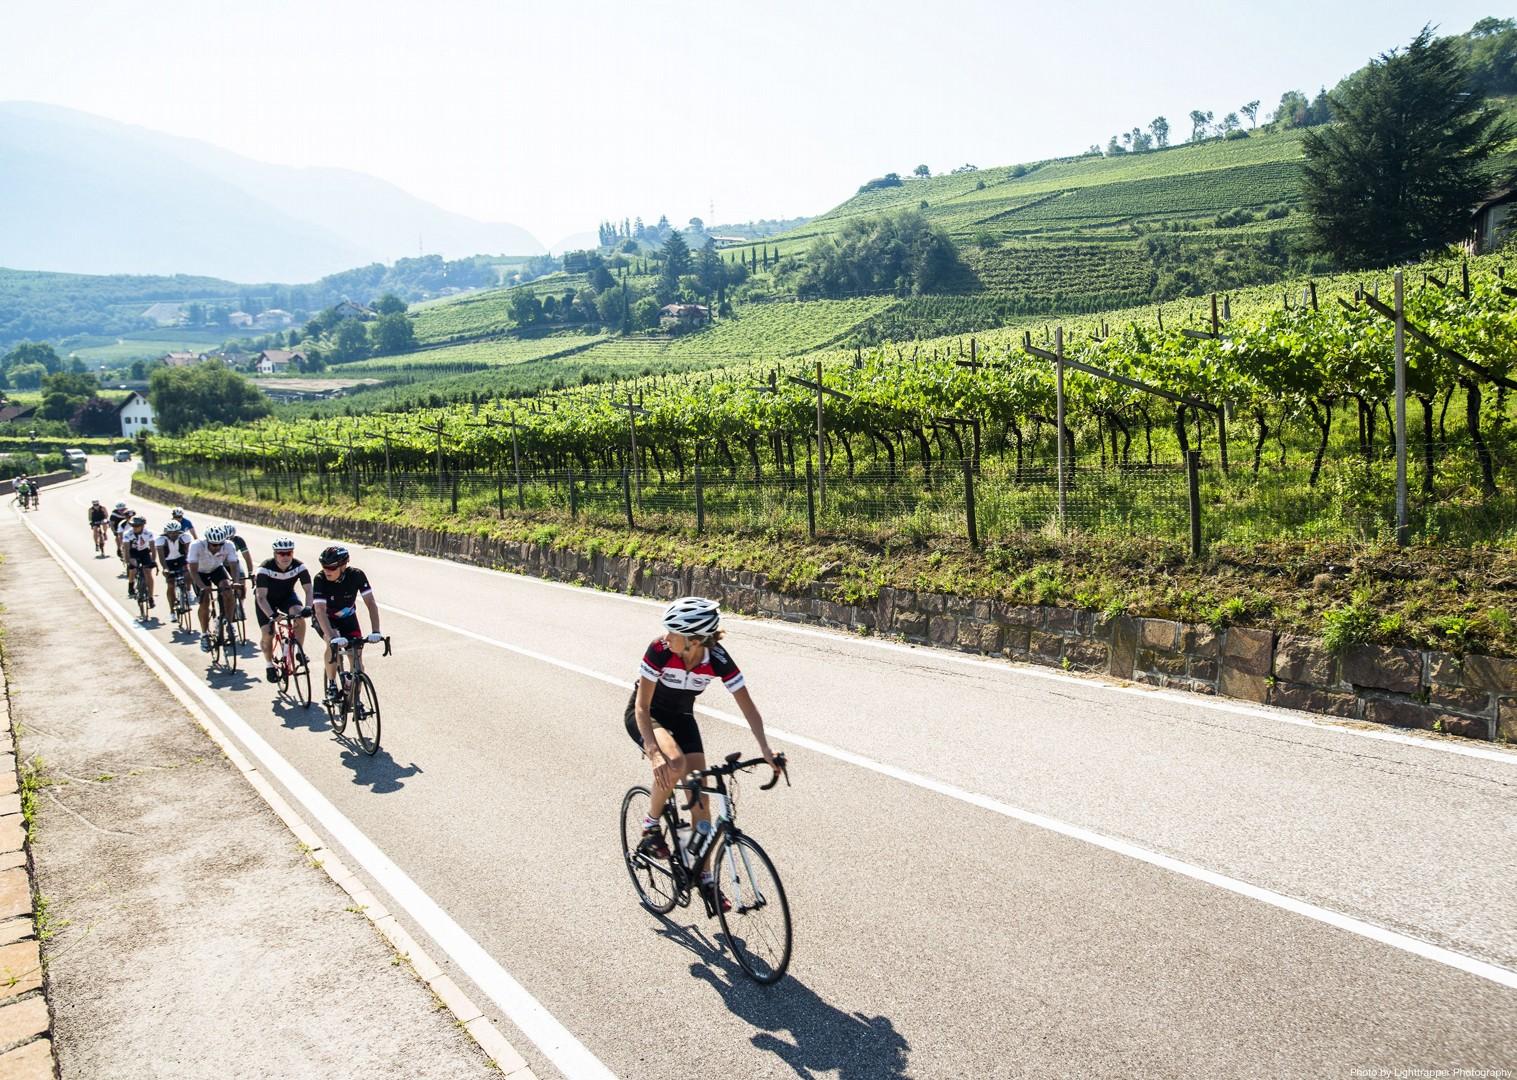 road-cycling-holiday-in-italian-alps.jpg - Italy - Italian Alps Introduction - Guided Road Cycling Holiday - Italia Road Cycling